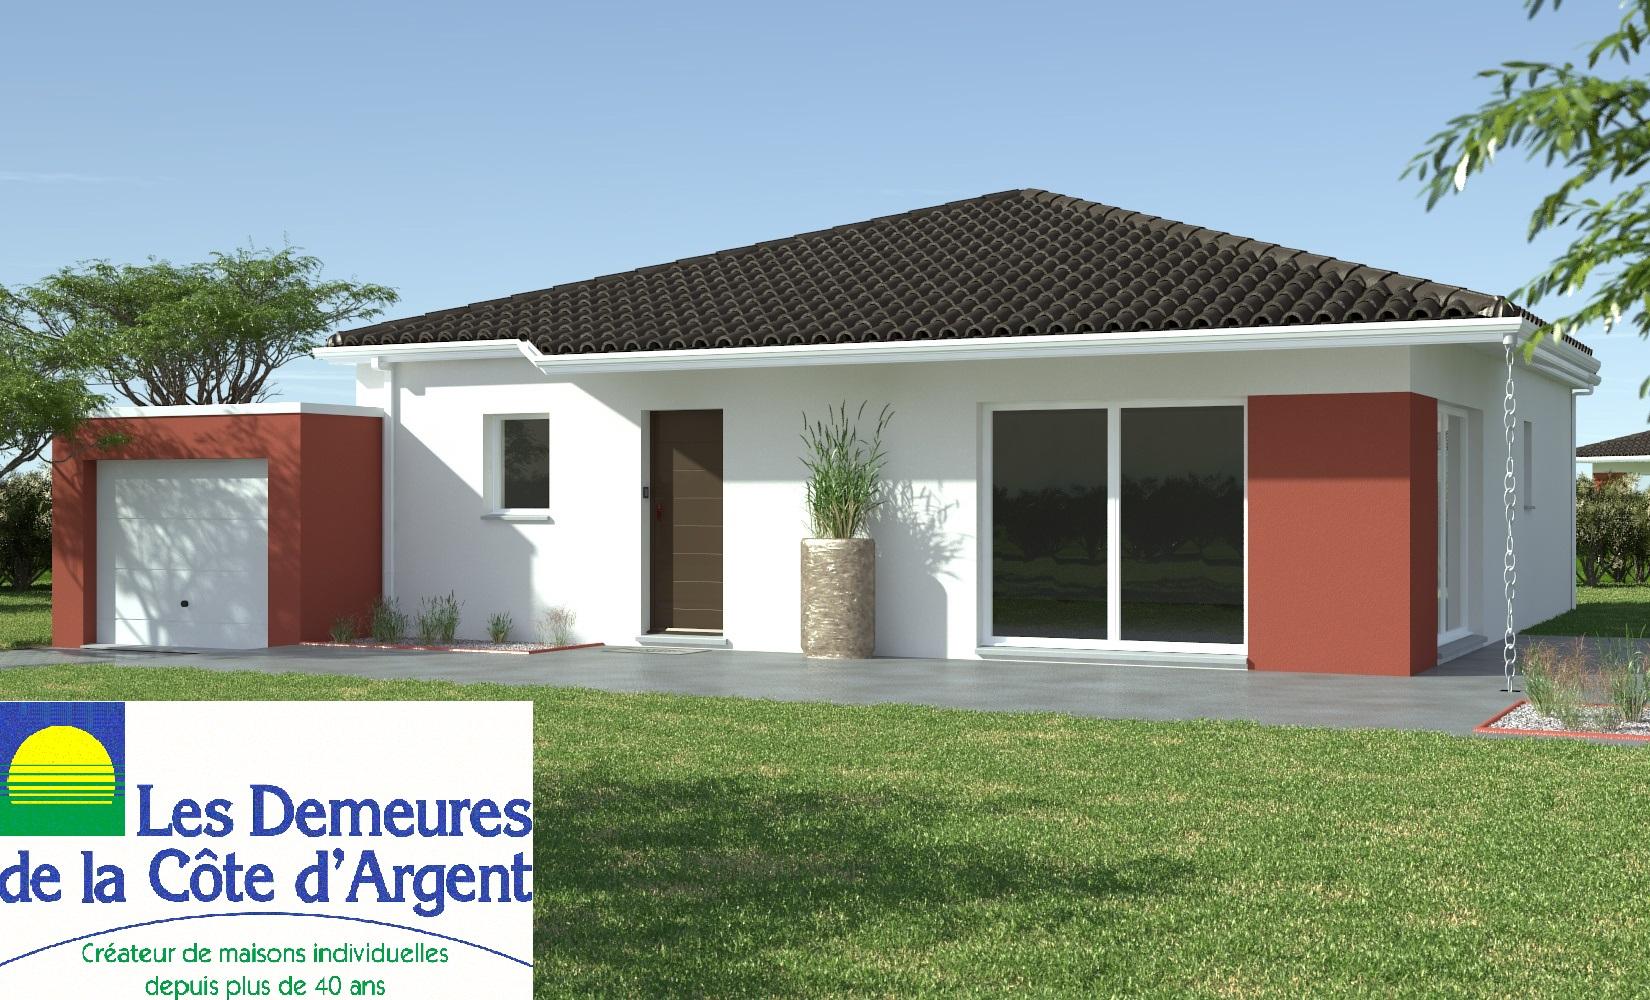 Maisons + Terrains du constructeur LES DEMEURES DE LA COTE D'ARGENT • 117 m² • SOLFERINO